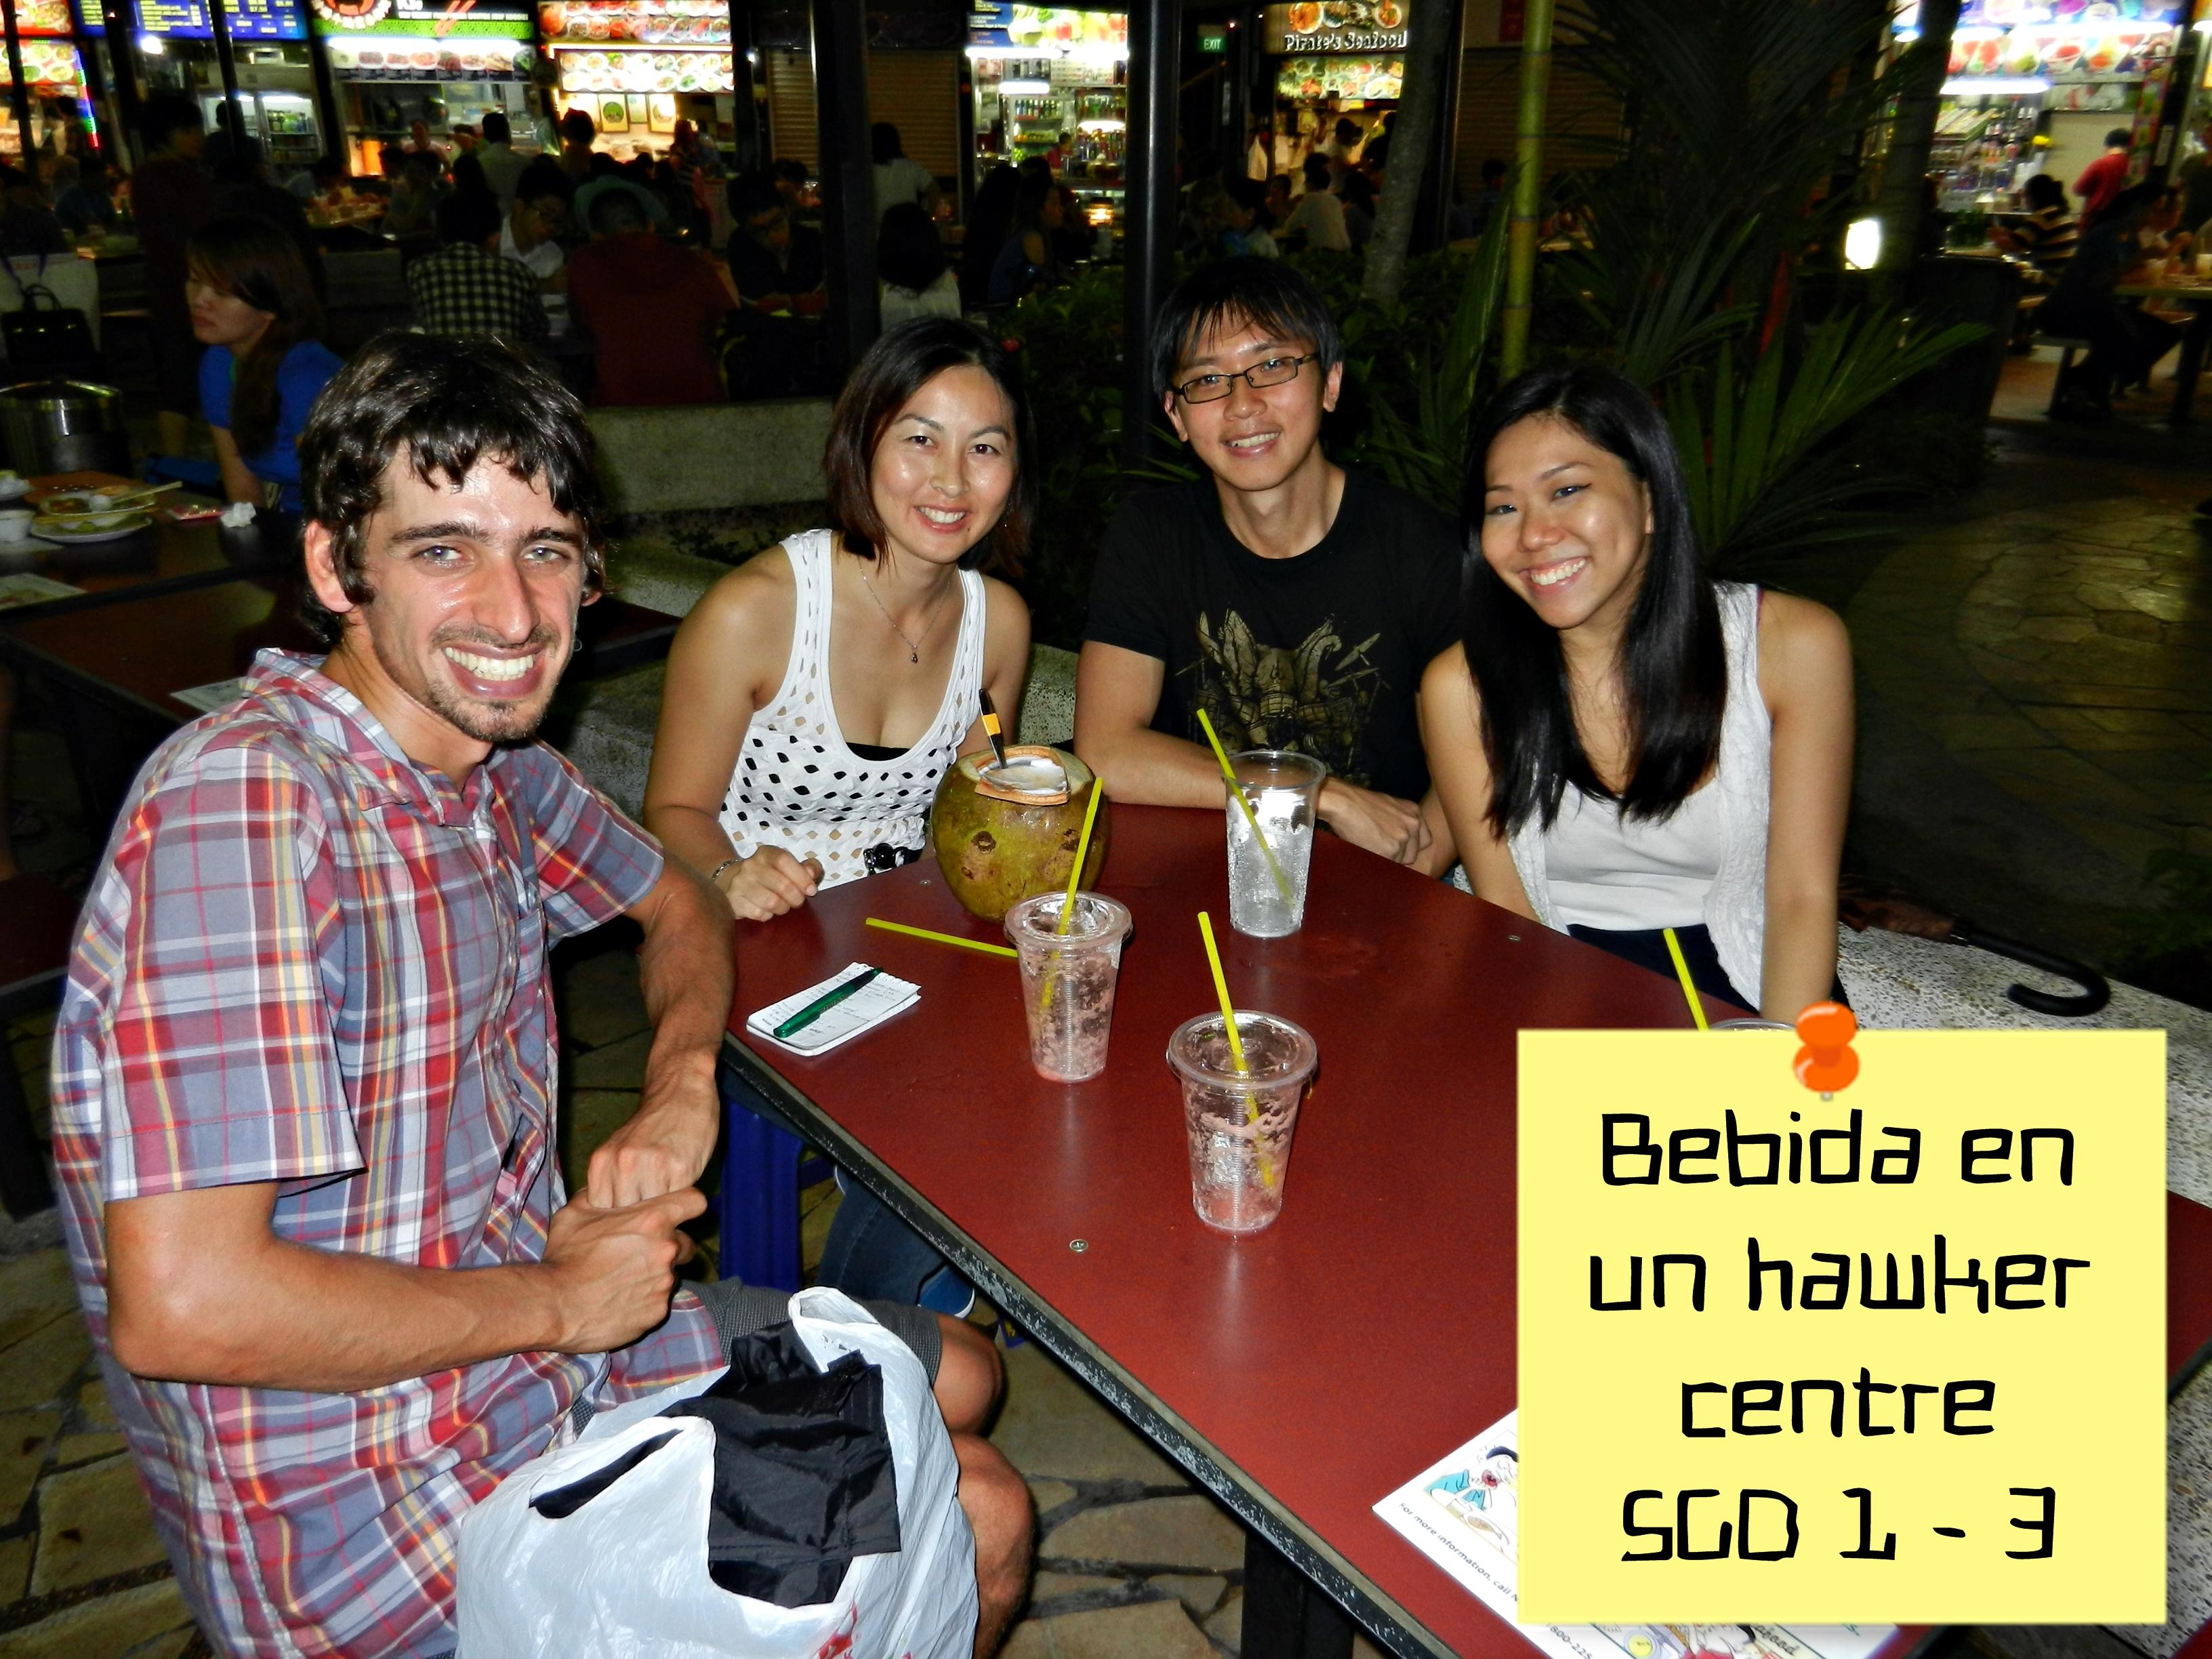 Bebida en Hawker centre, Singapur, Asia